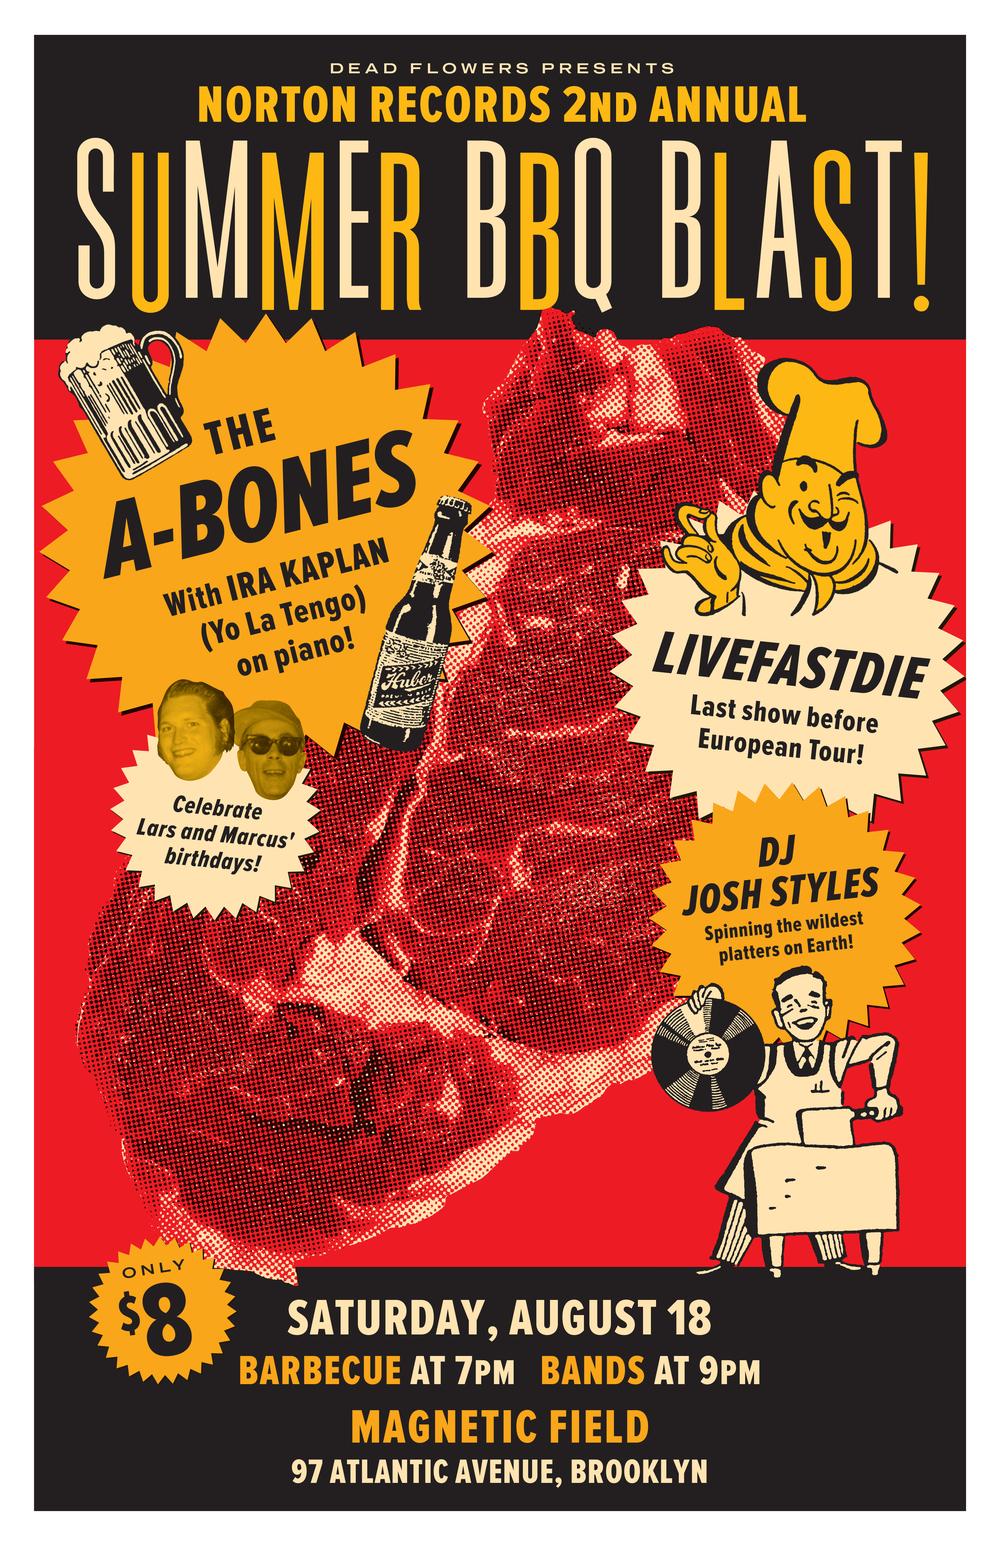 A-Bones BBQ Blast poster